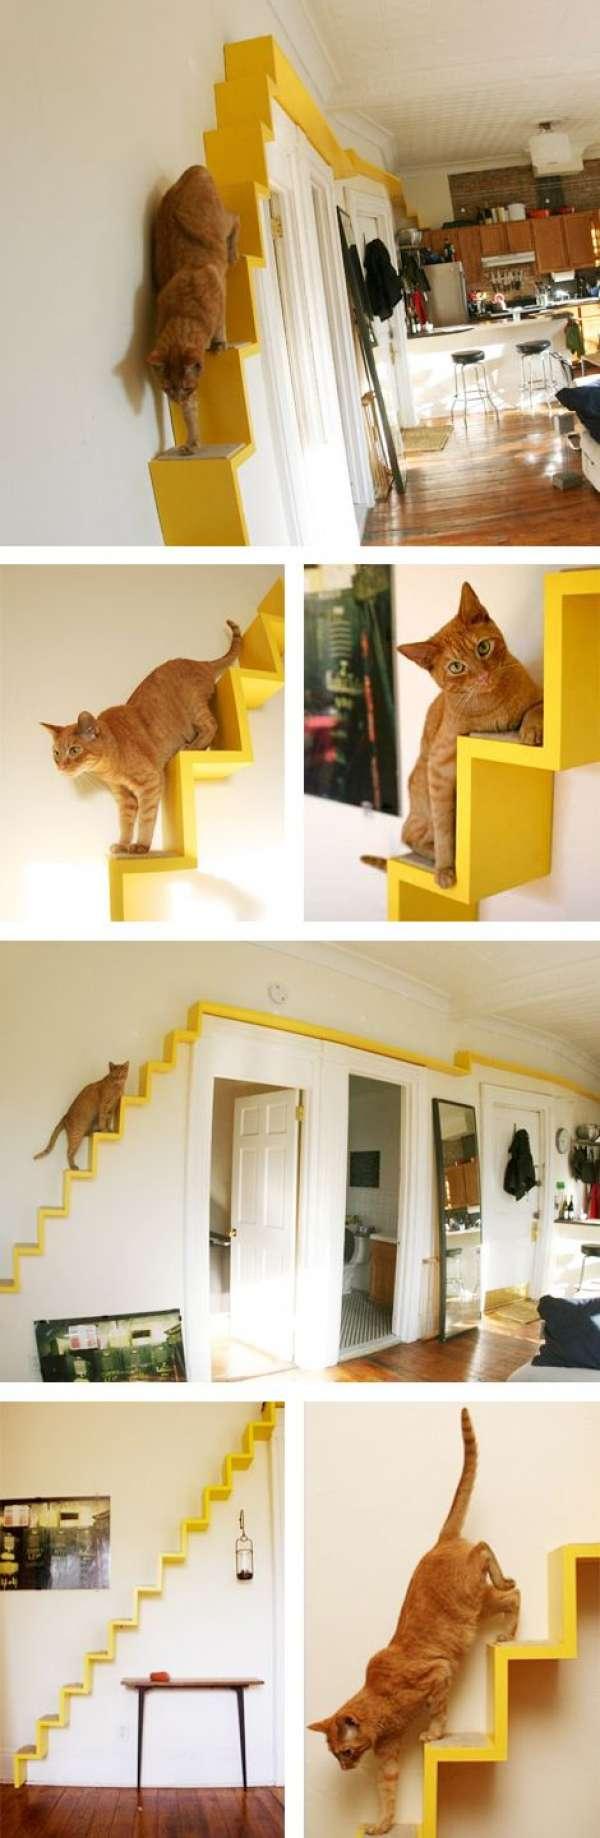 Terrain de jeux mural pour chats